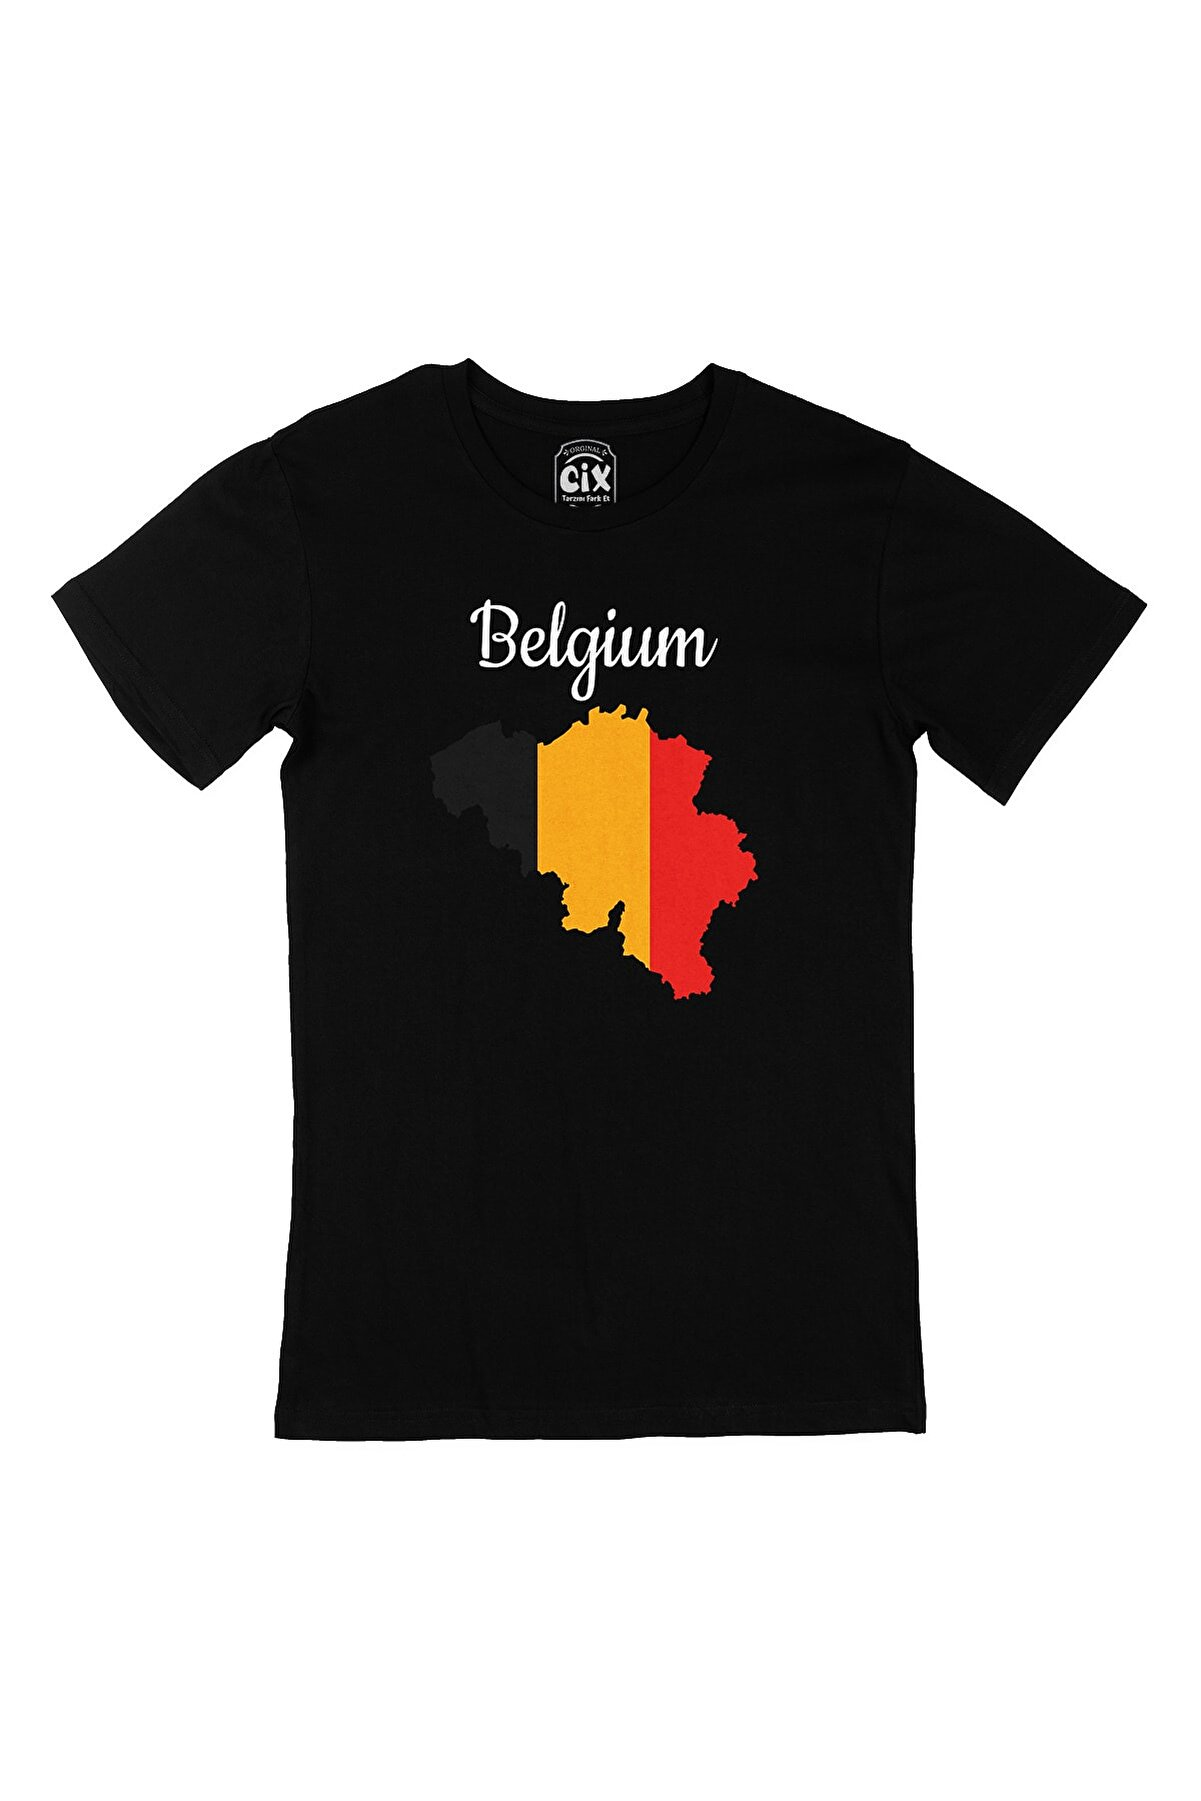 Cix Belçika Haritalı ve Bayraklı Siyah Tişört